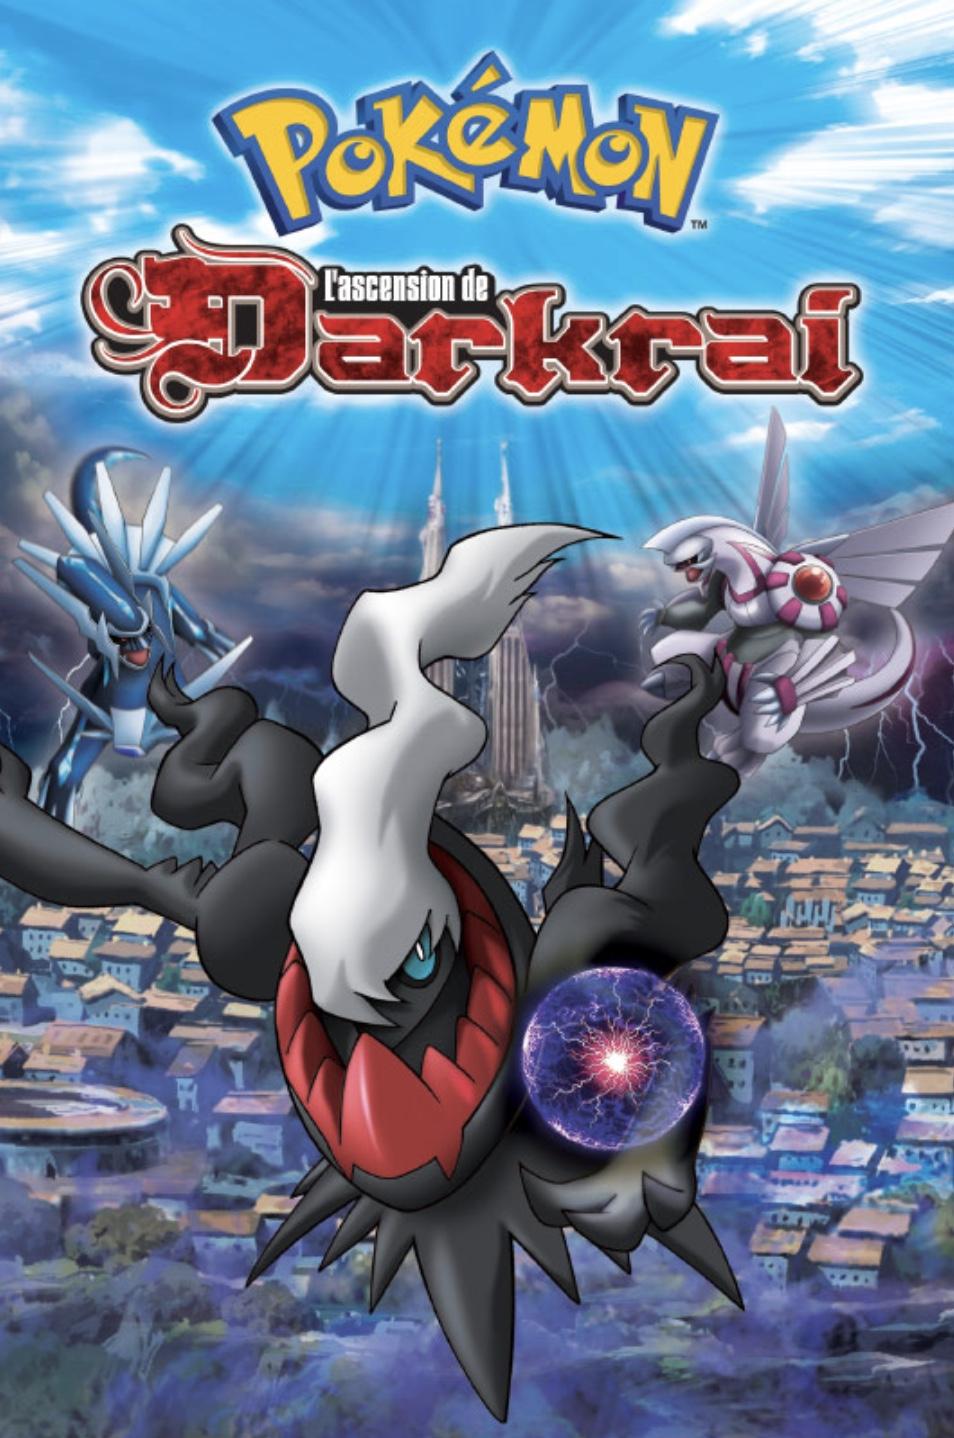 Code promo Pokemon : Film Pokémon : L'ascension de Darkrai à visionner gratuitement